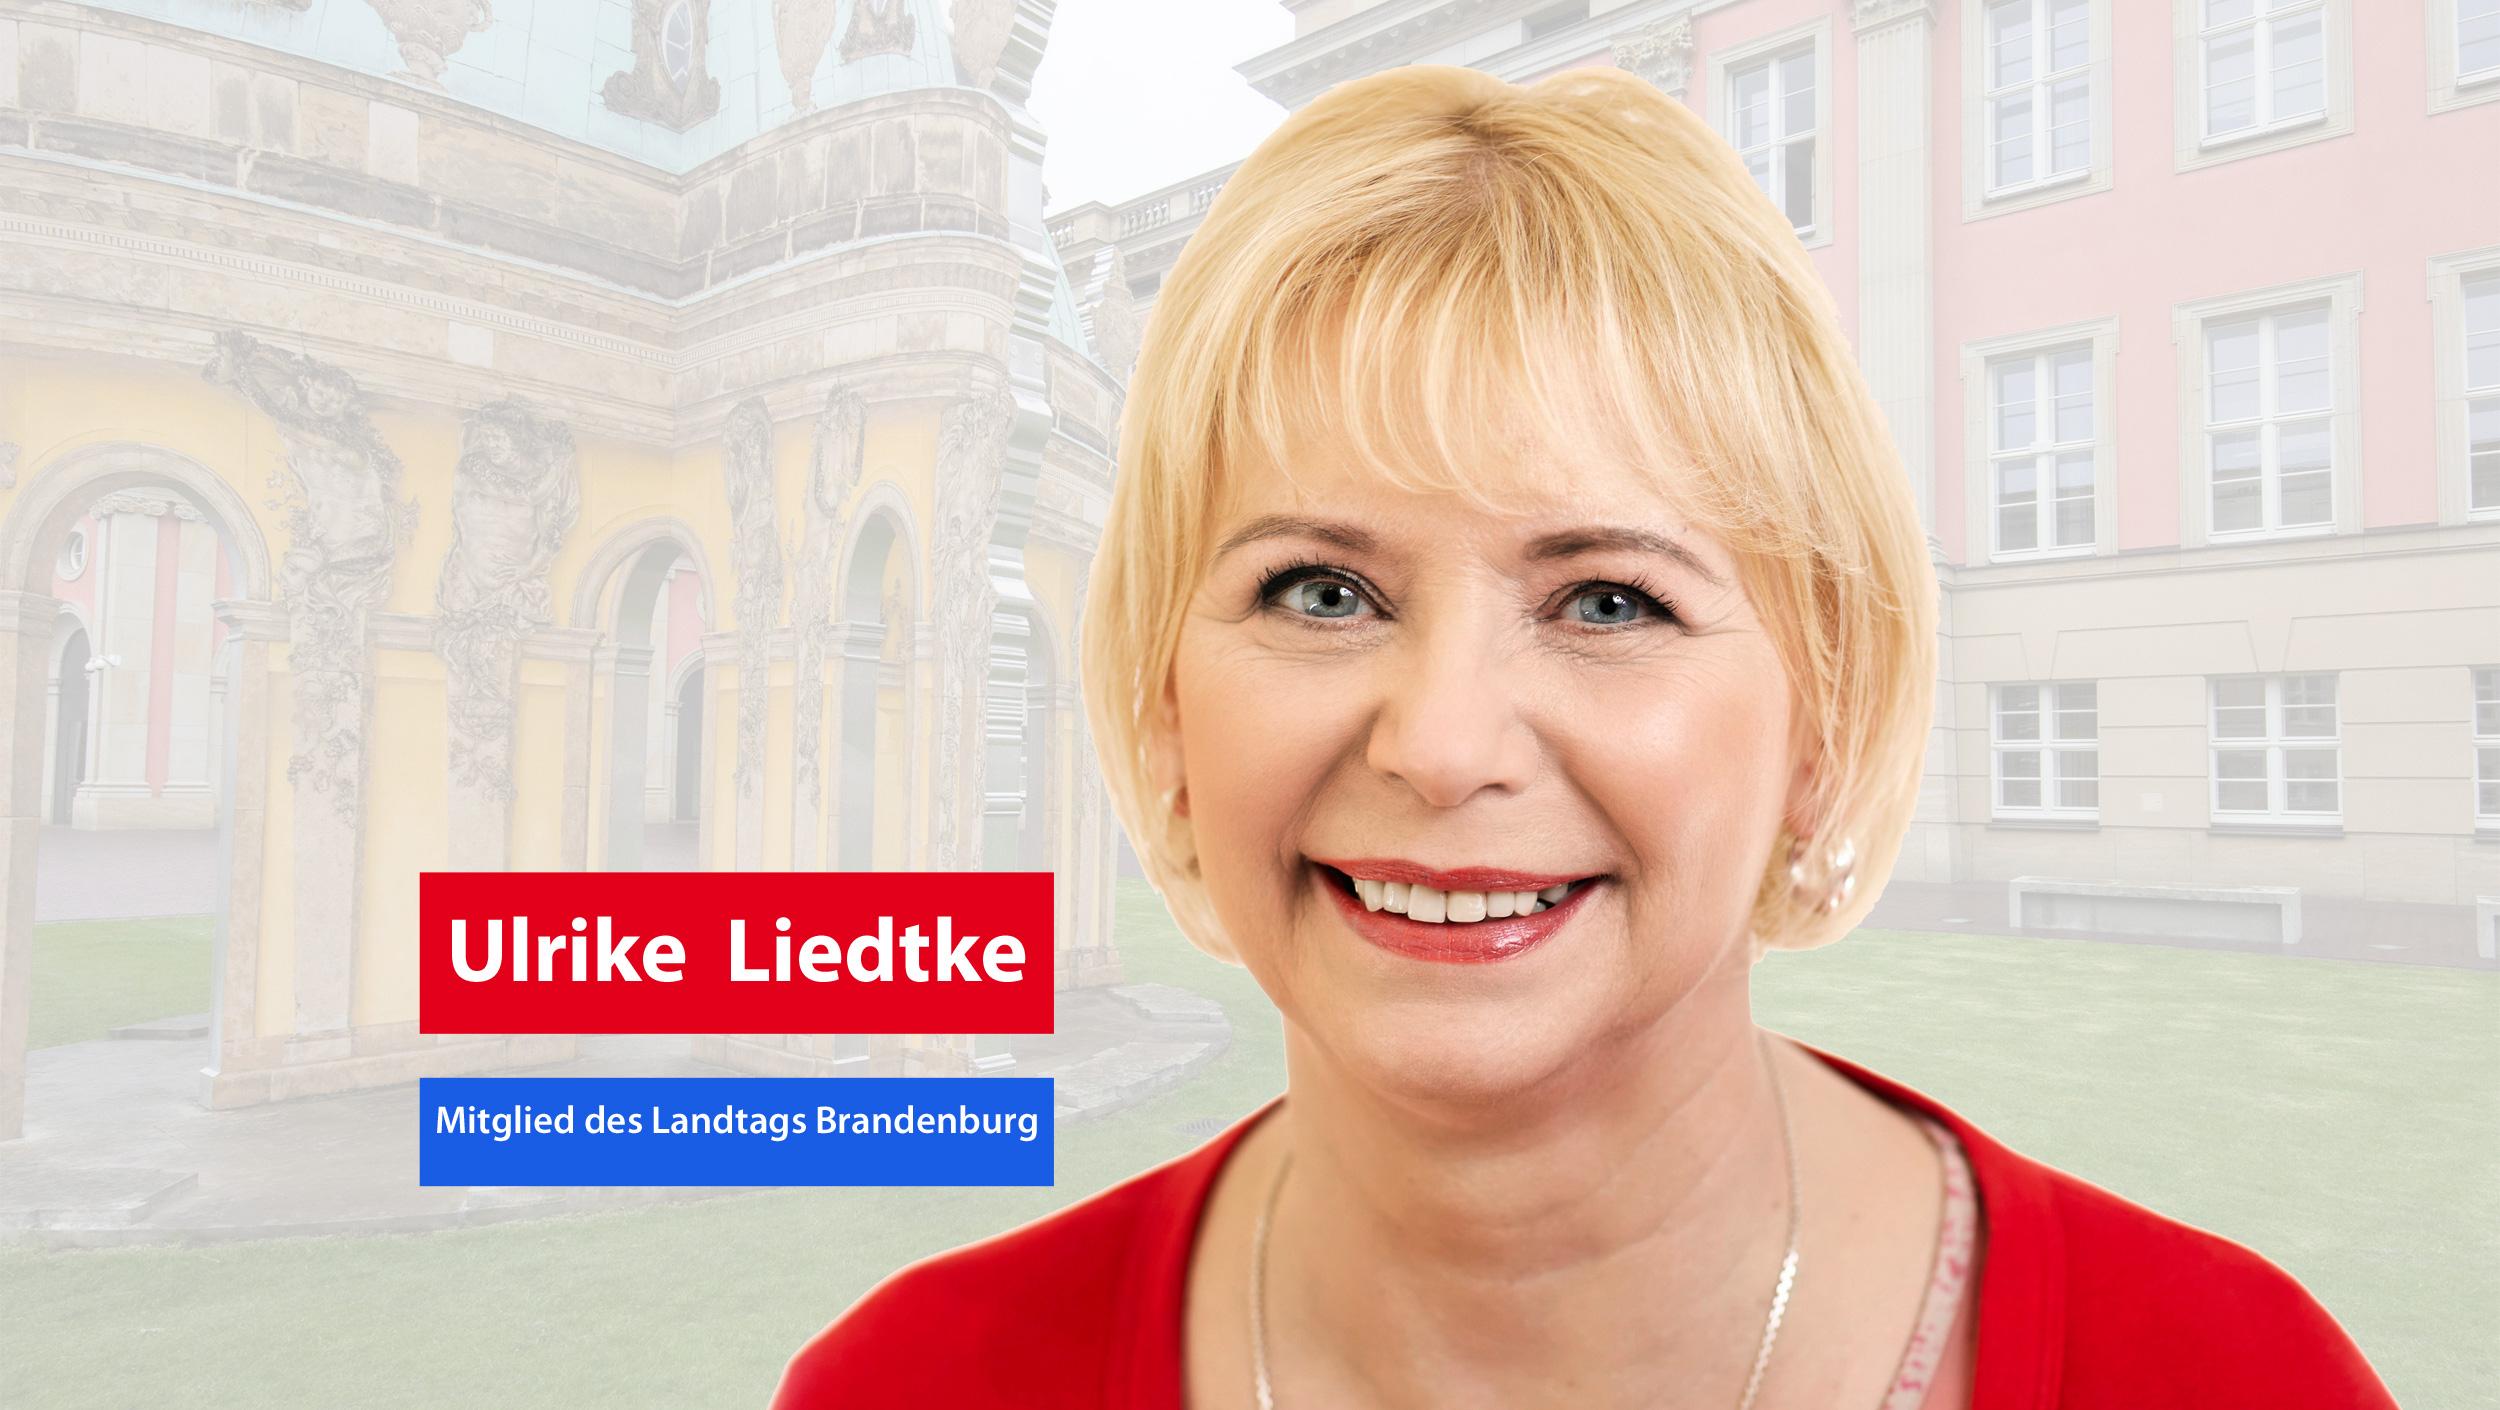 Ulrike Liedtke - Mitglied Landtag Brandenburg